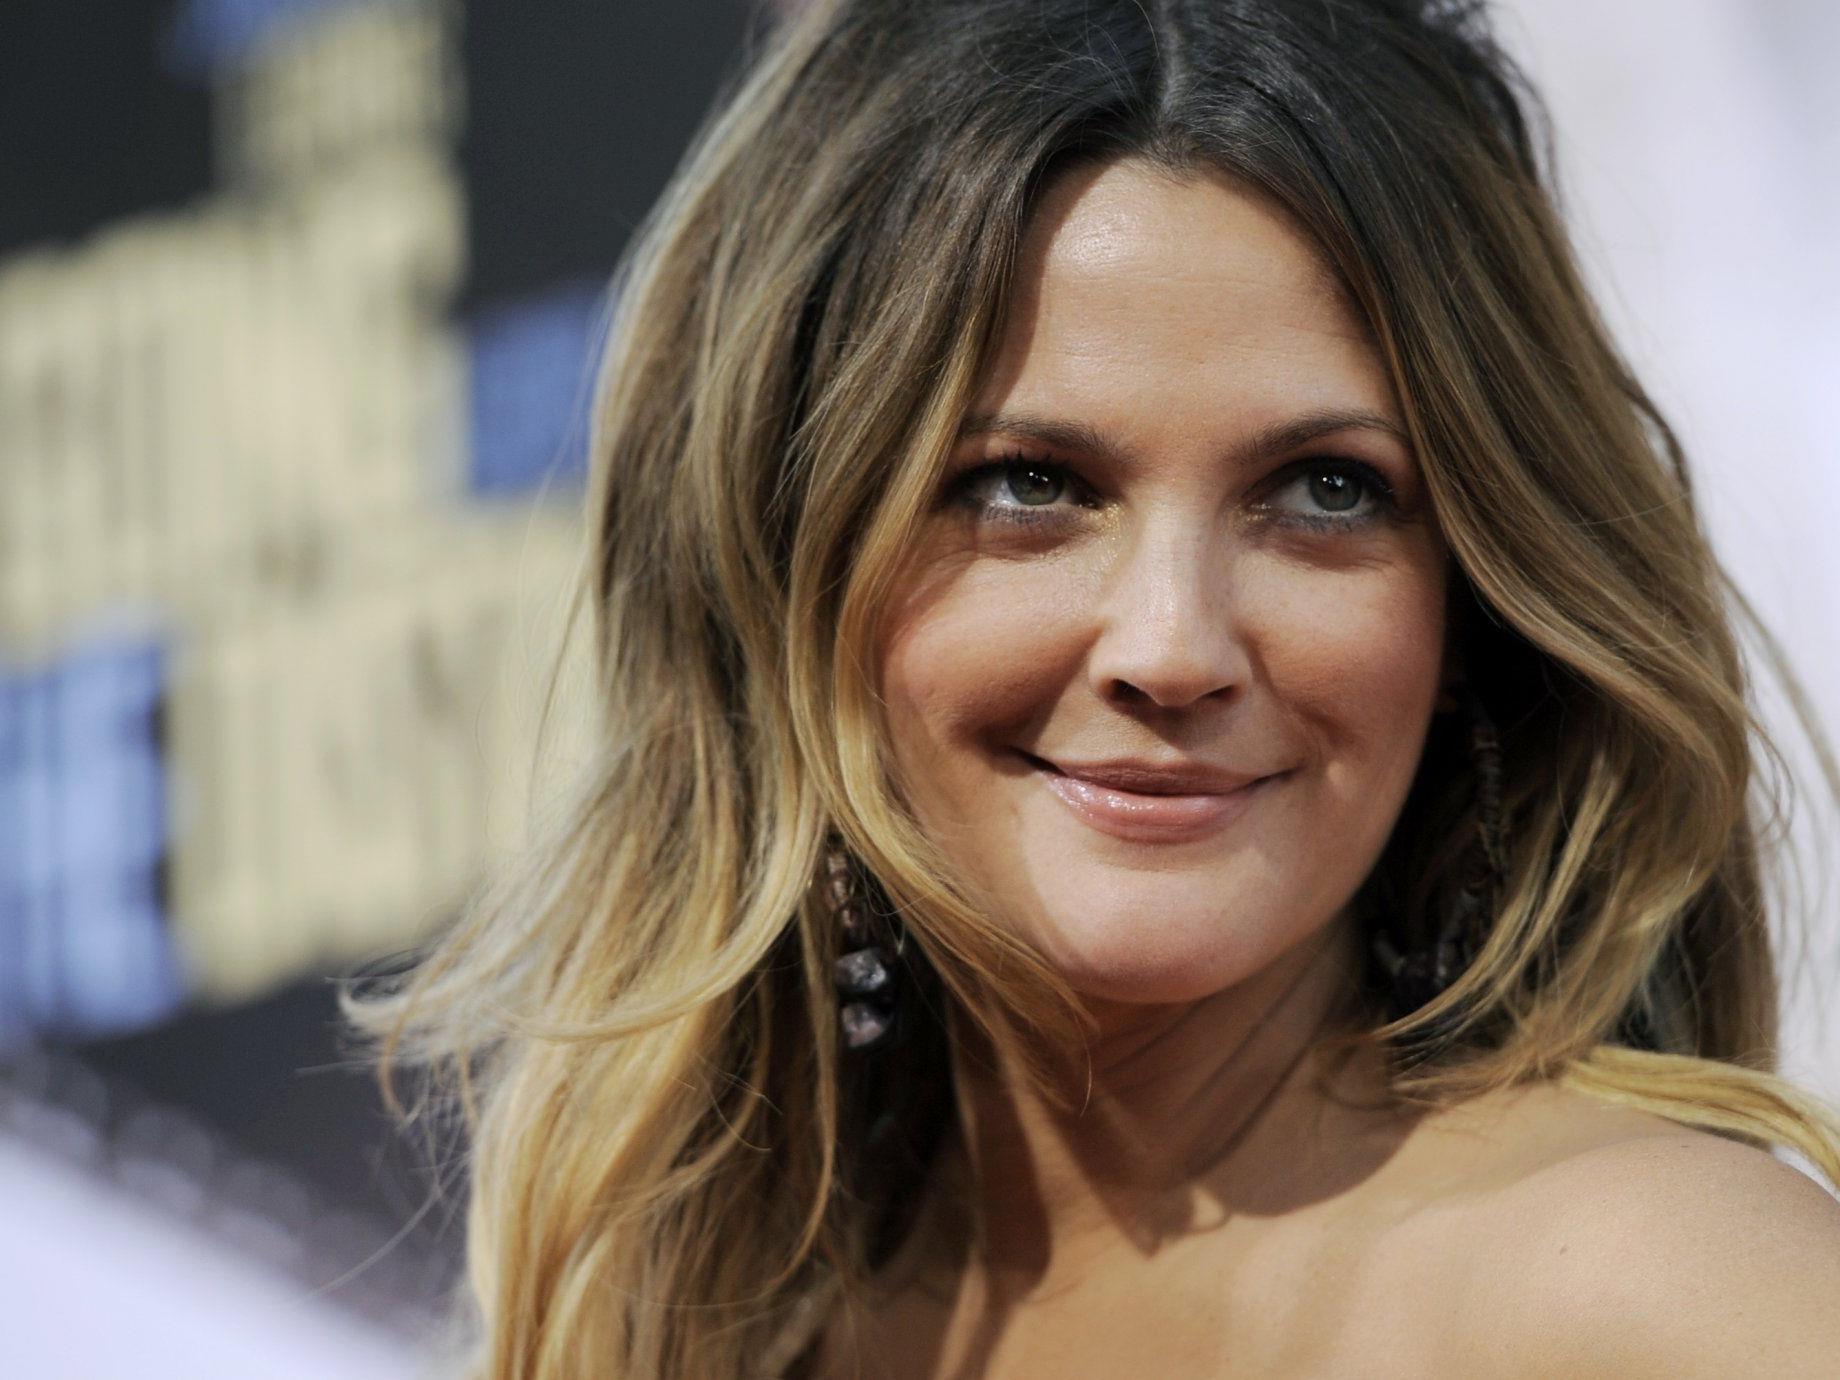 Hollywoodstar Drew Barrymore mag sich wie sie ist - auch ohne die Hilfe von Operationen.